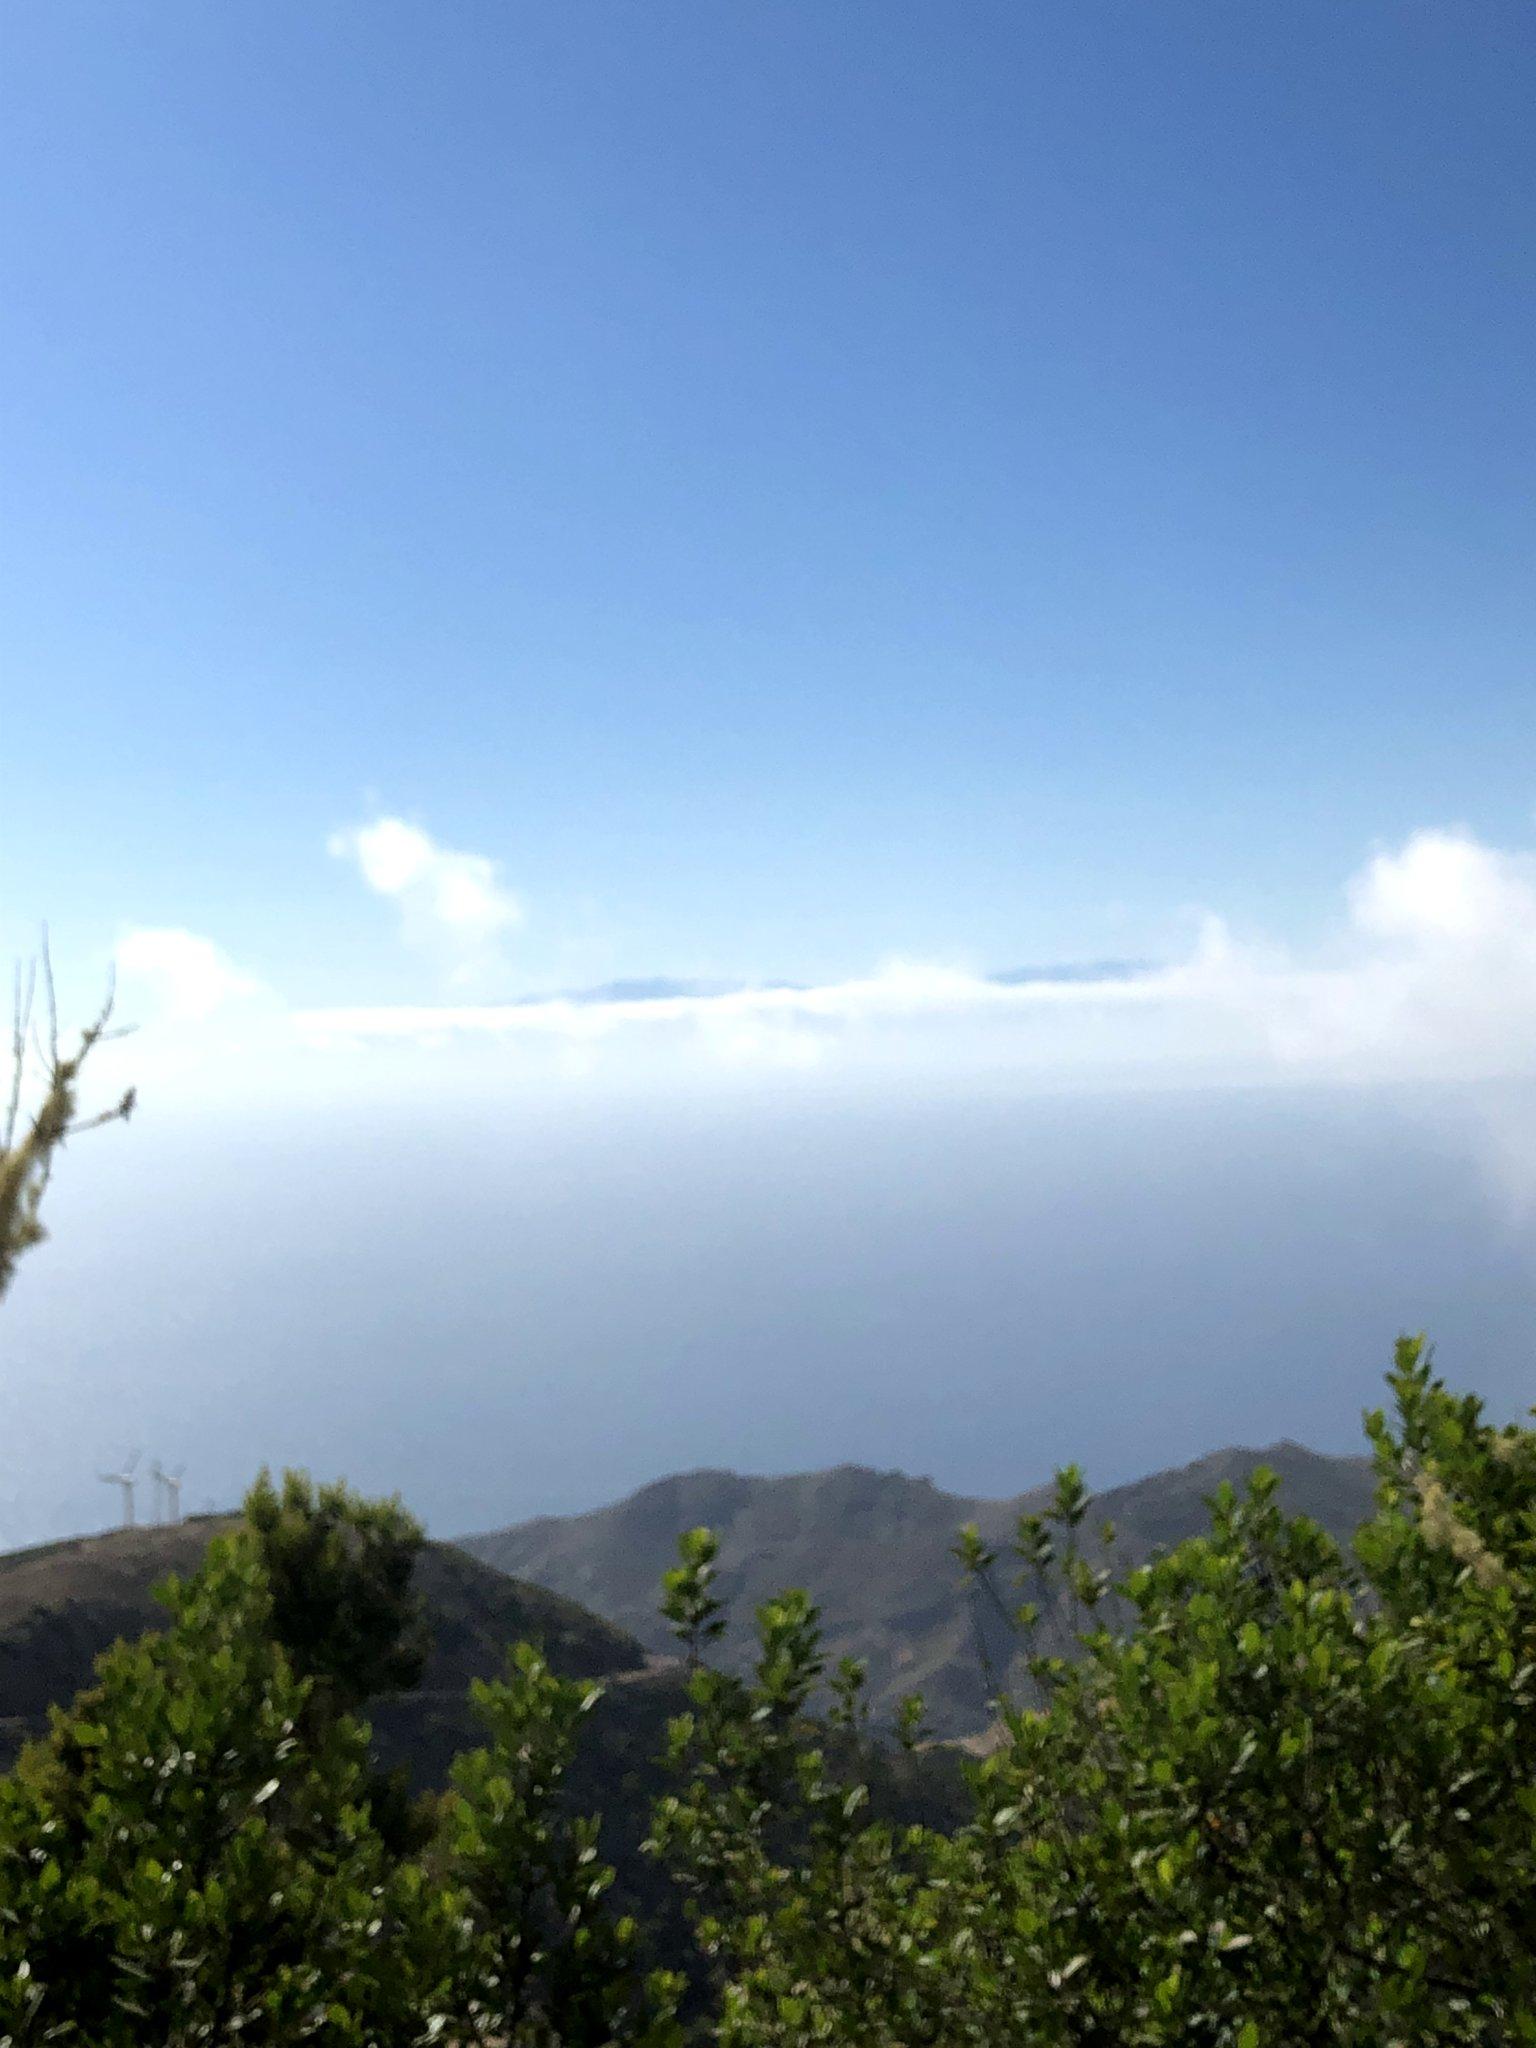 Vista de la isla de La Palma desde La Gomera con un mar de nubes bajo los pies. Enlace a Wikipedia (Abre en ventana nueva).